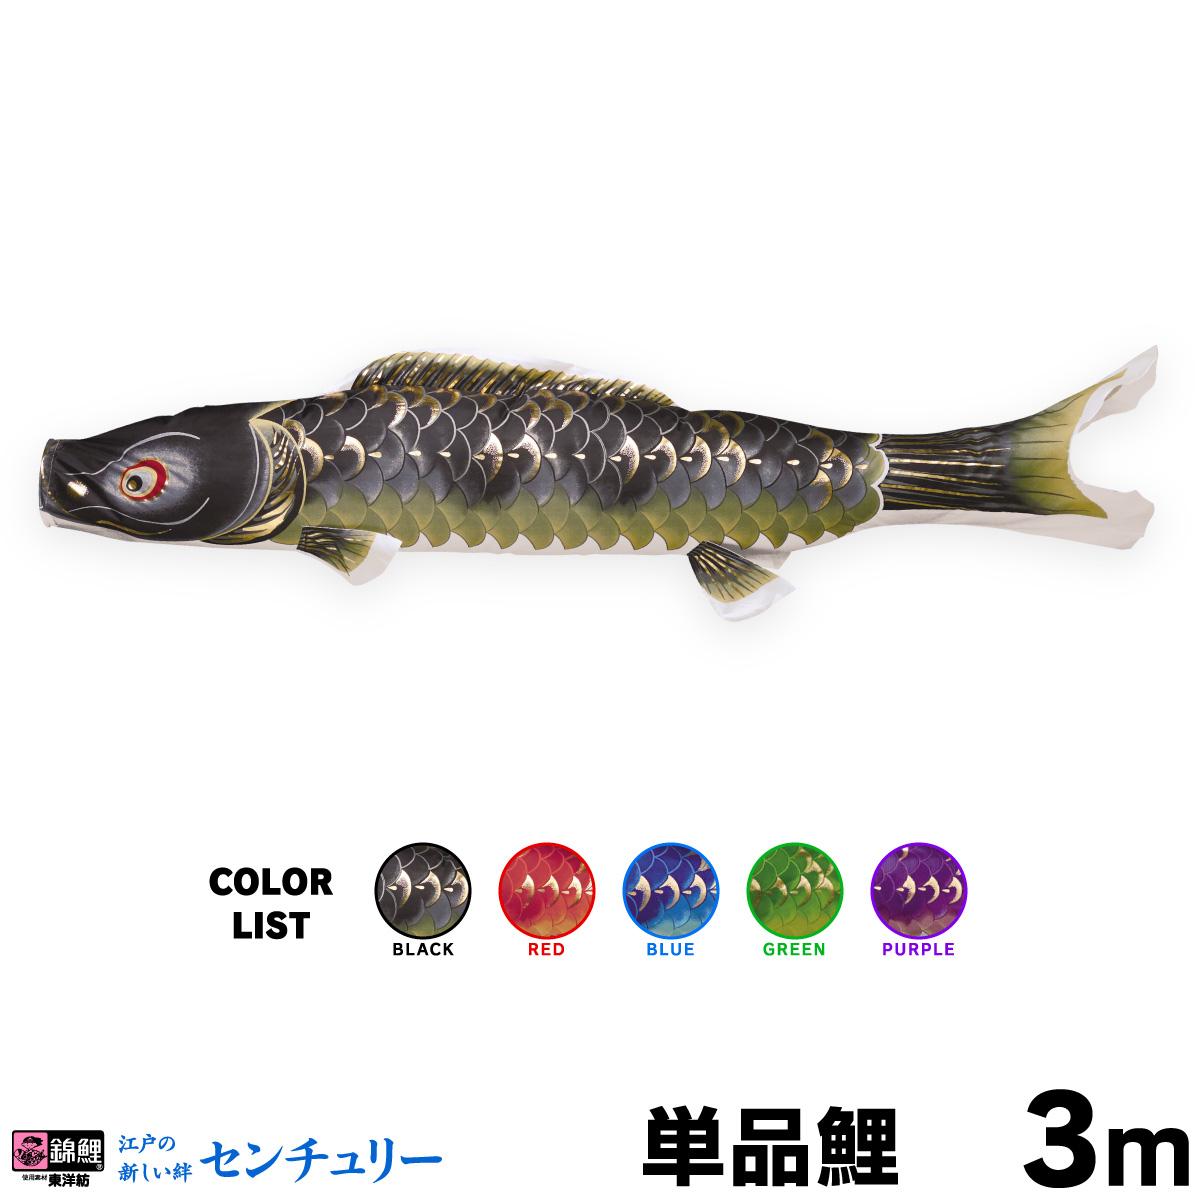 【こいのぼり 単品】 センチュリー 3m 単品鯉